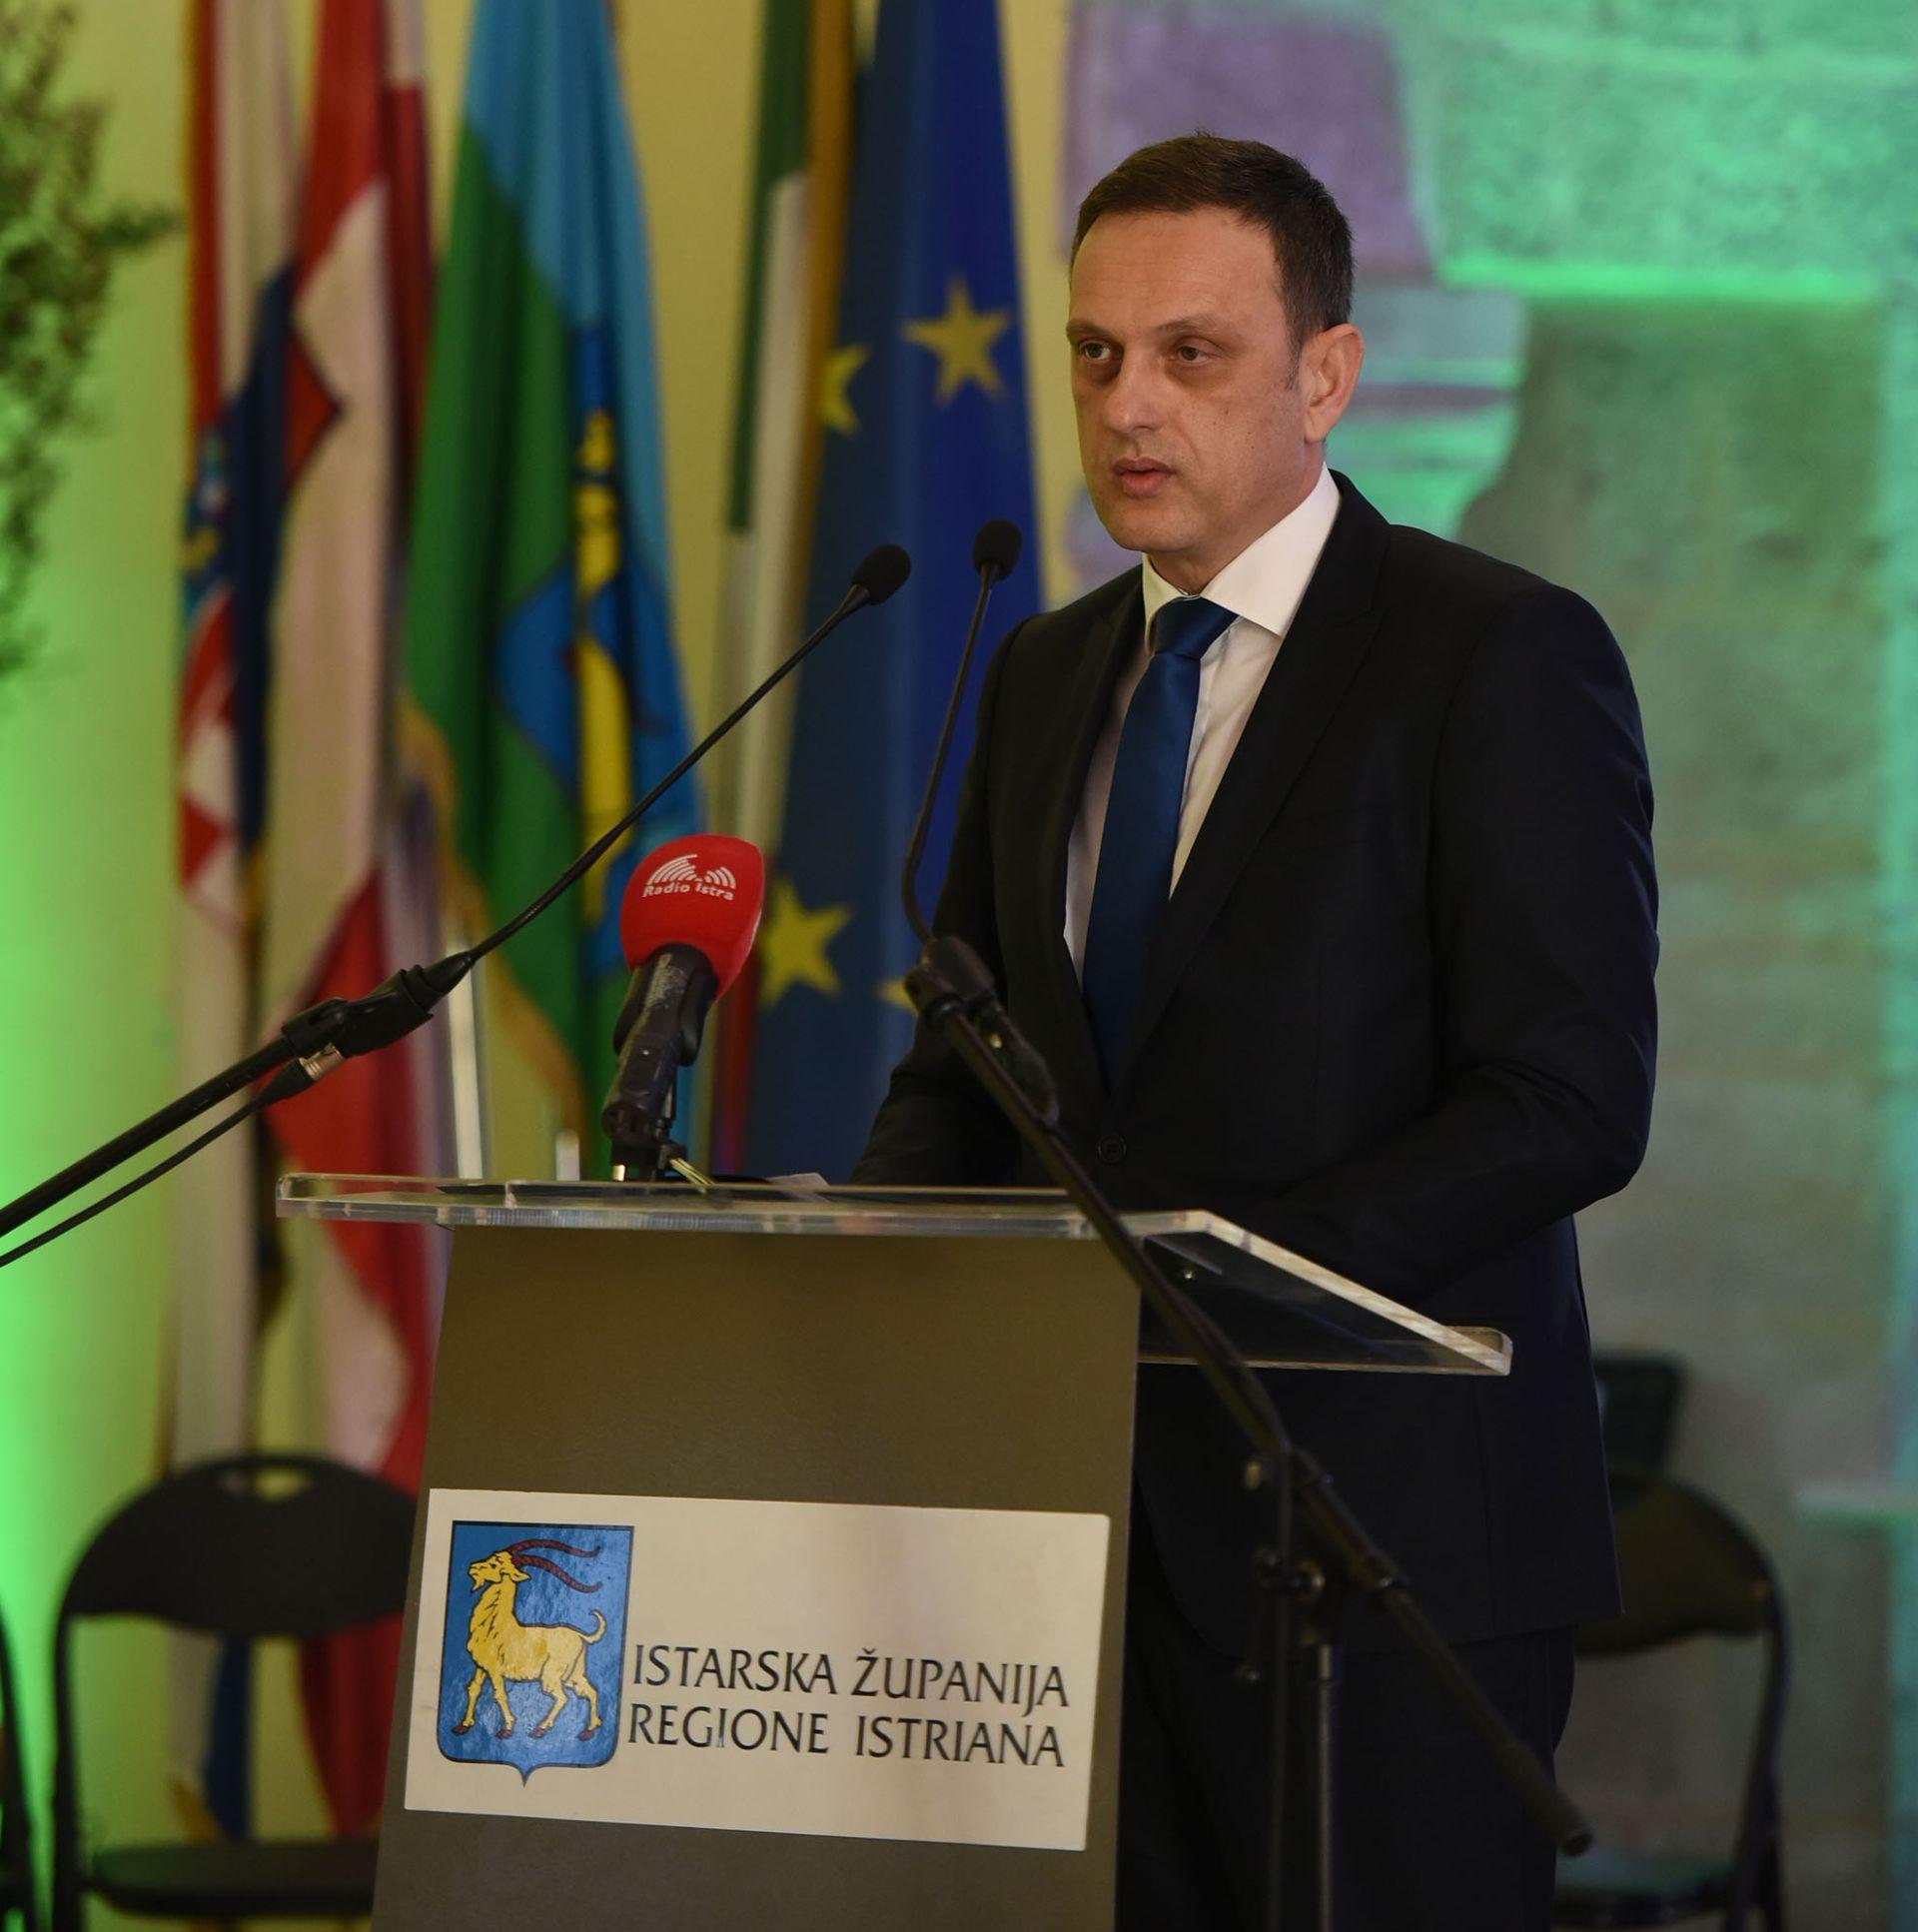 Ministar Kliman: Žica više kazuje o onome tko je stavlja nego o nama